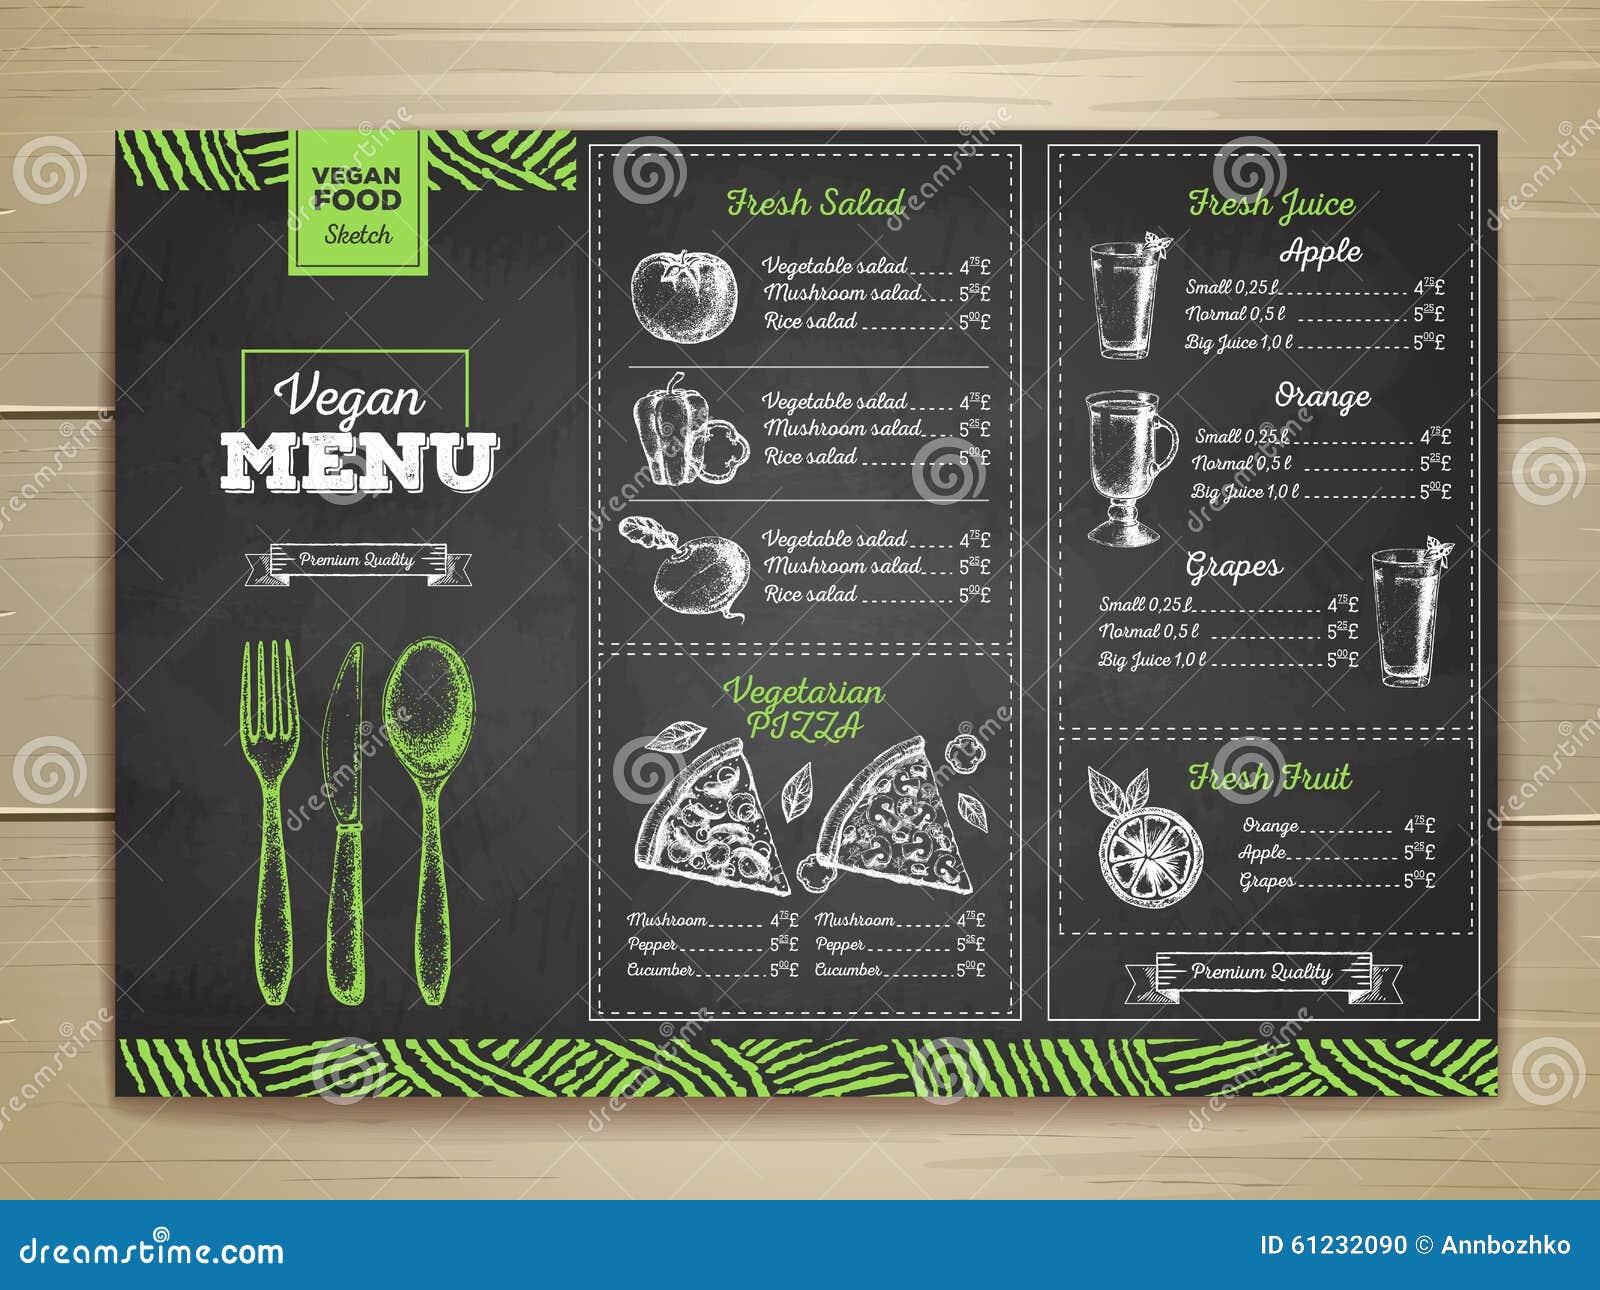 粉笔画素食食物菜单设计